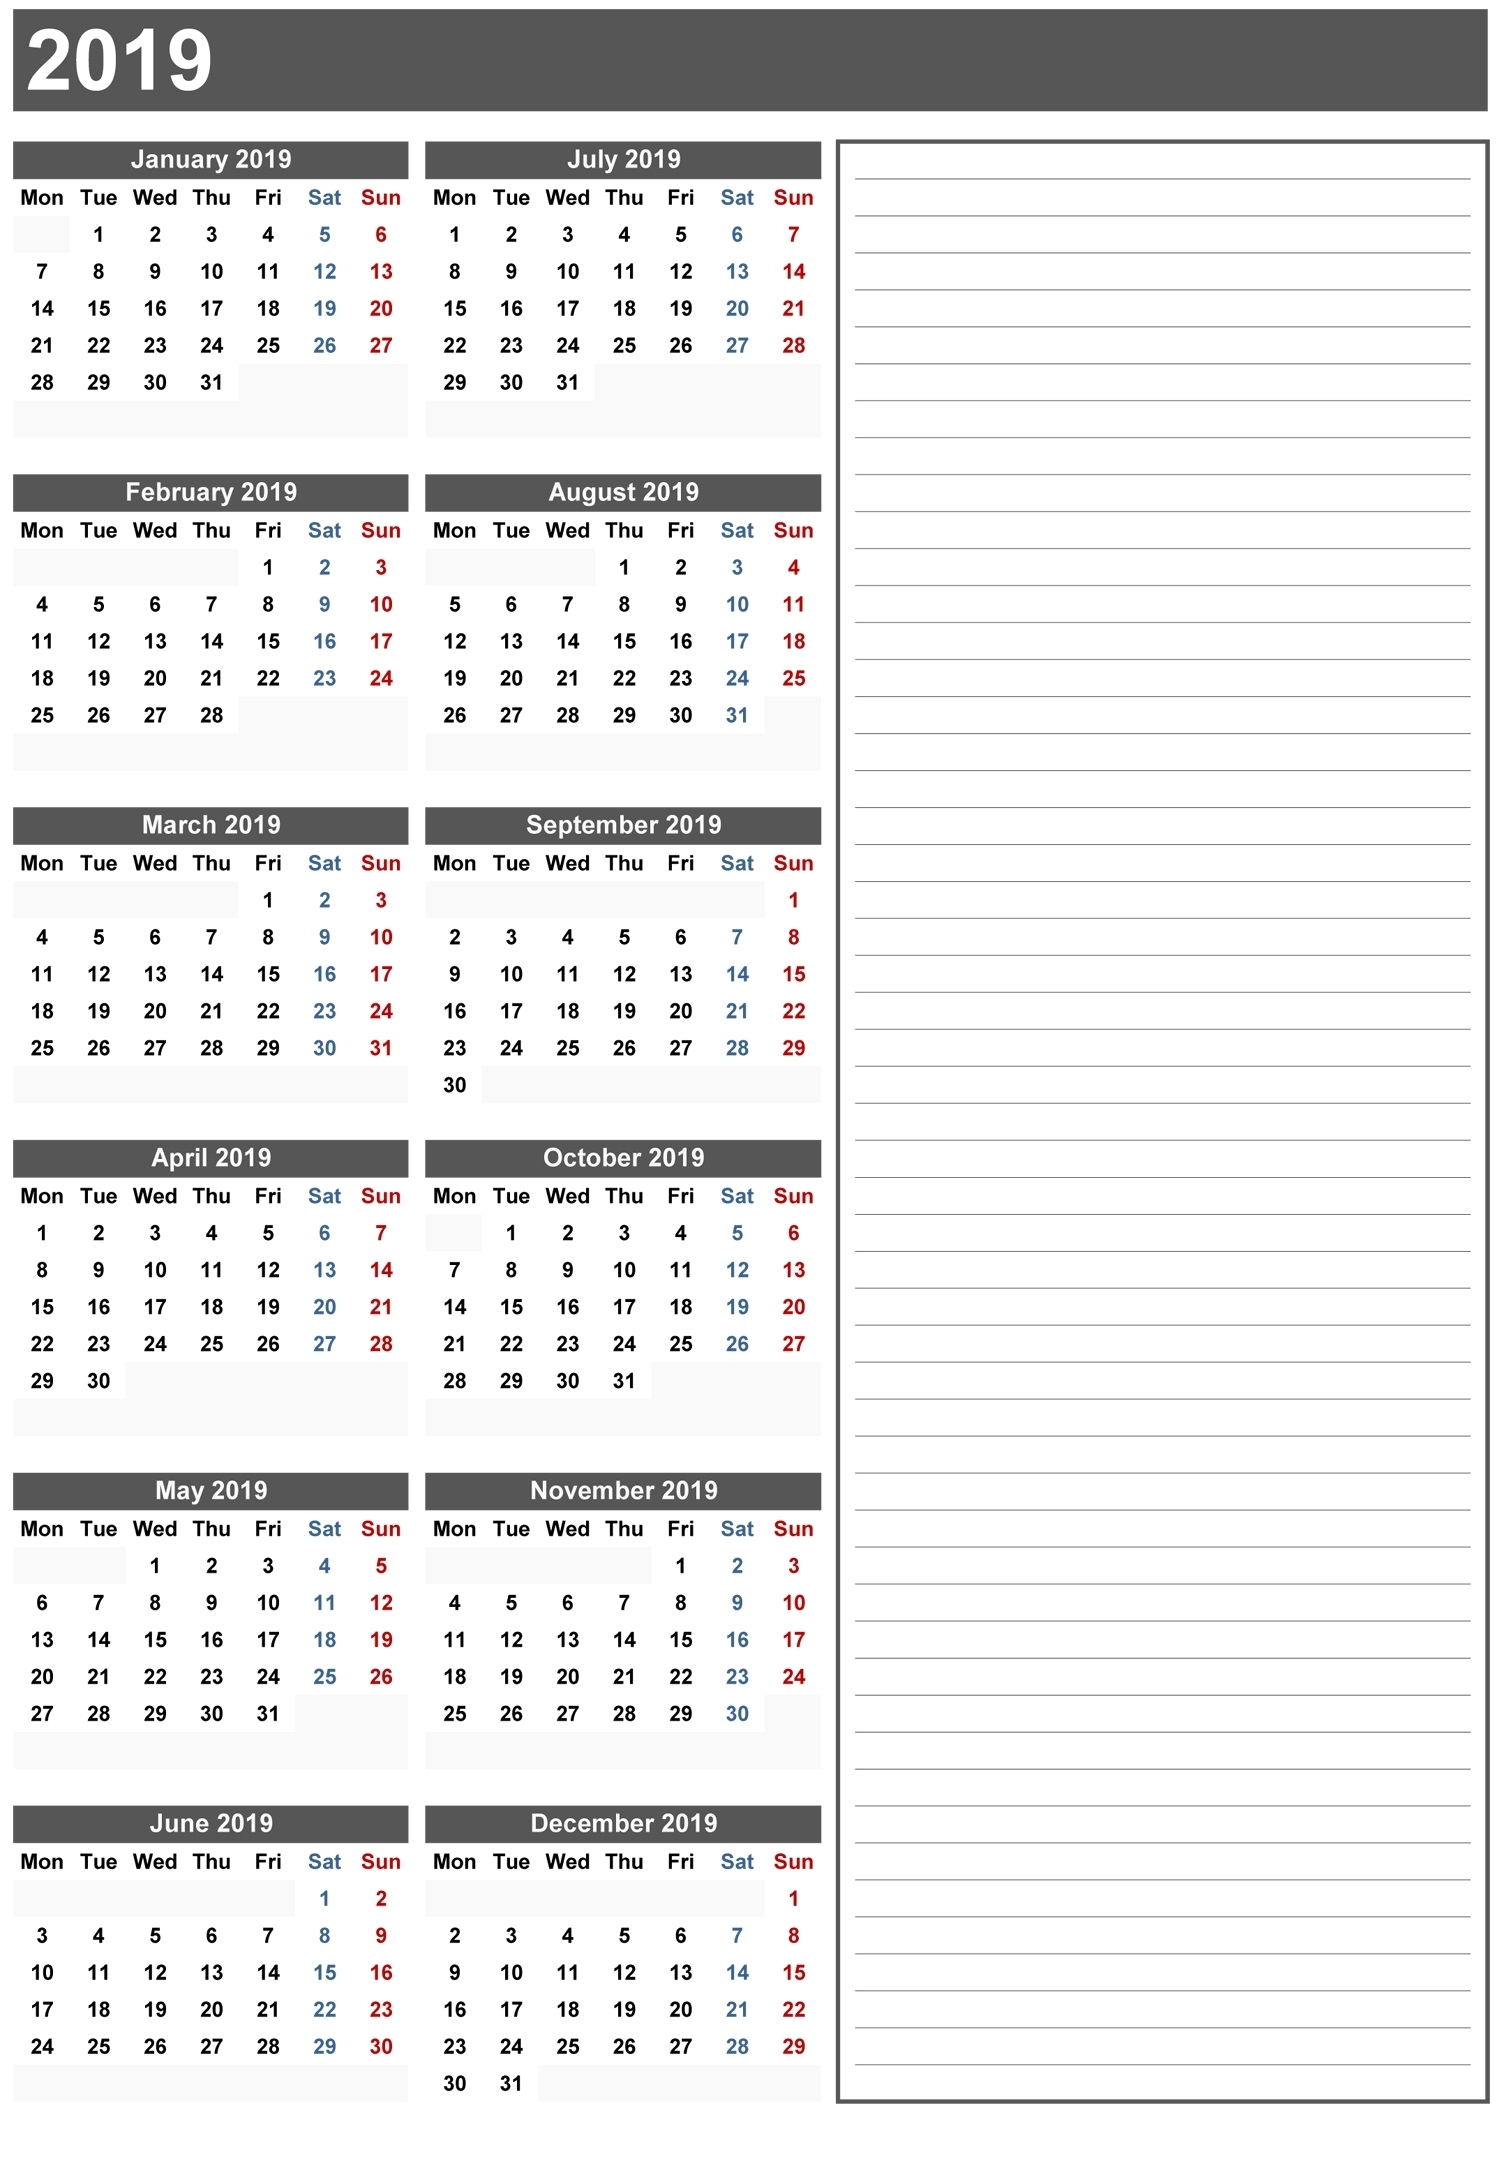 3 Year Calendar 2019 To 2019 10 Best 2019 Calendar Designs Ideas